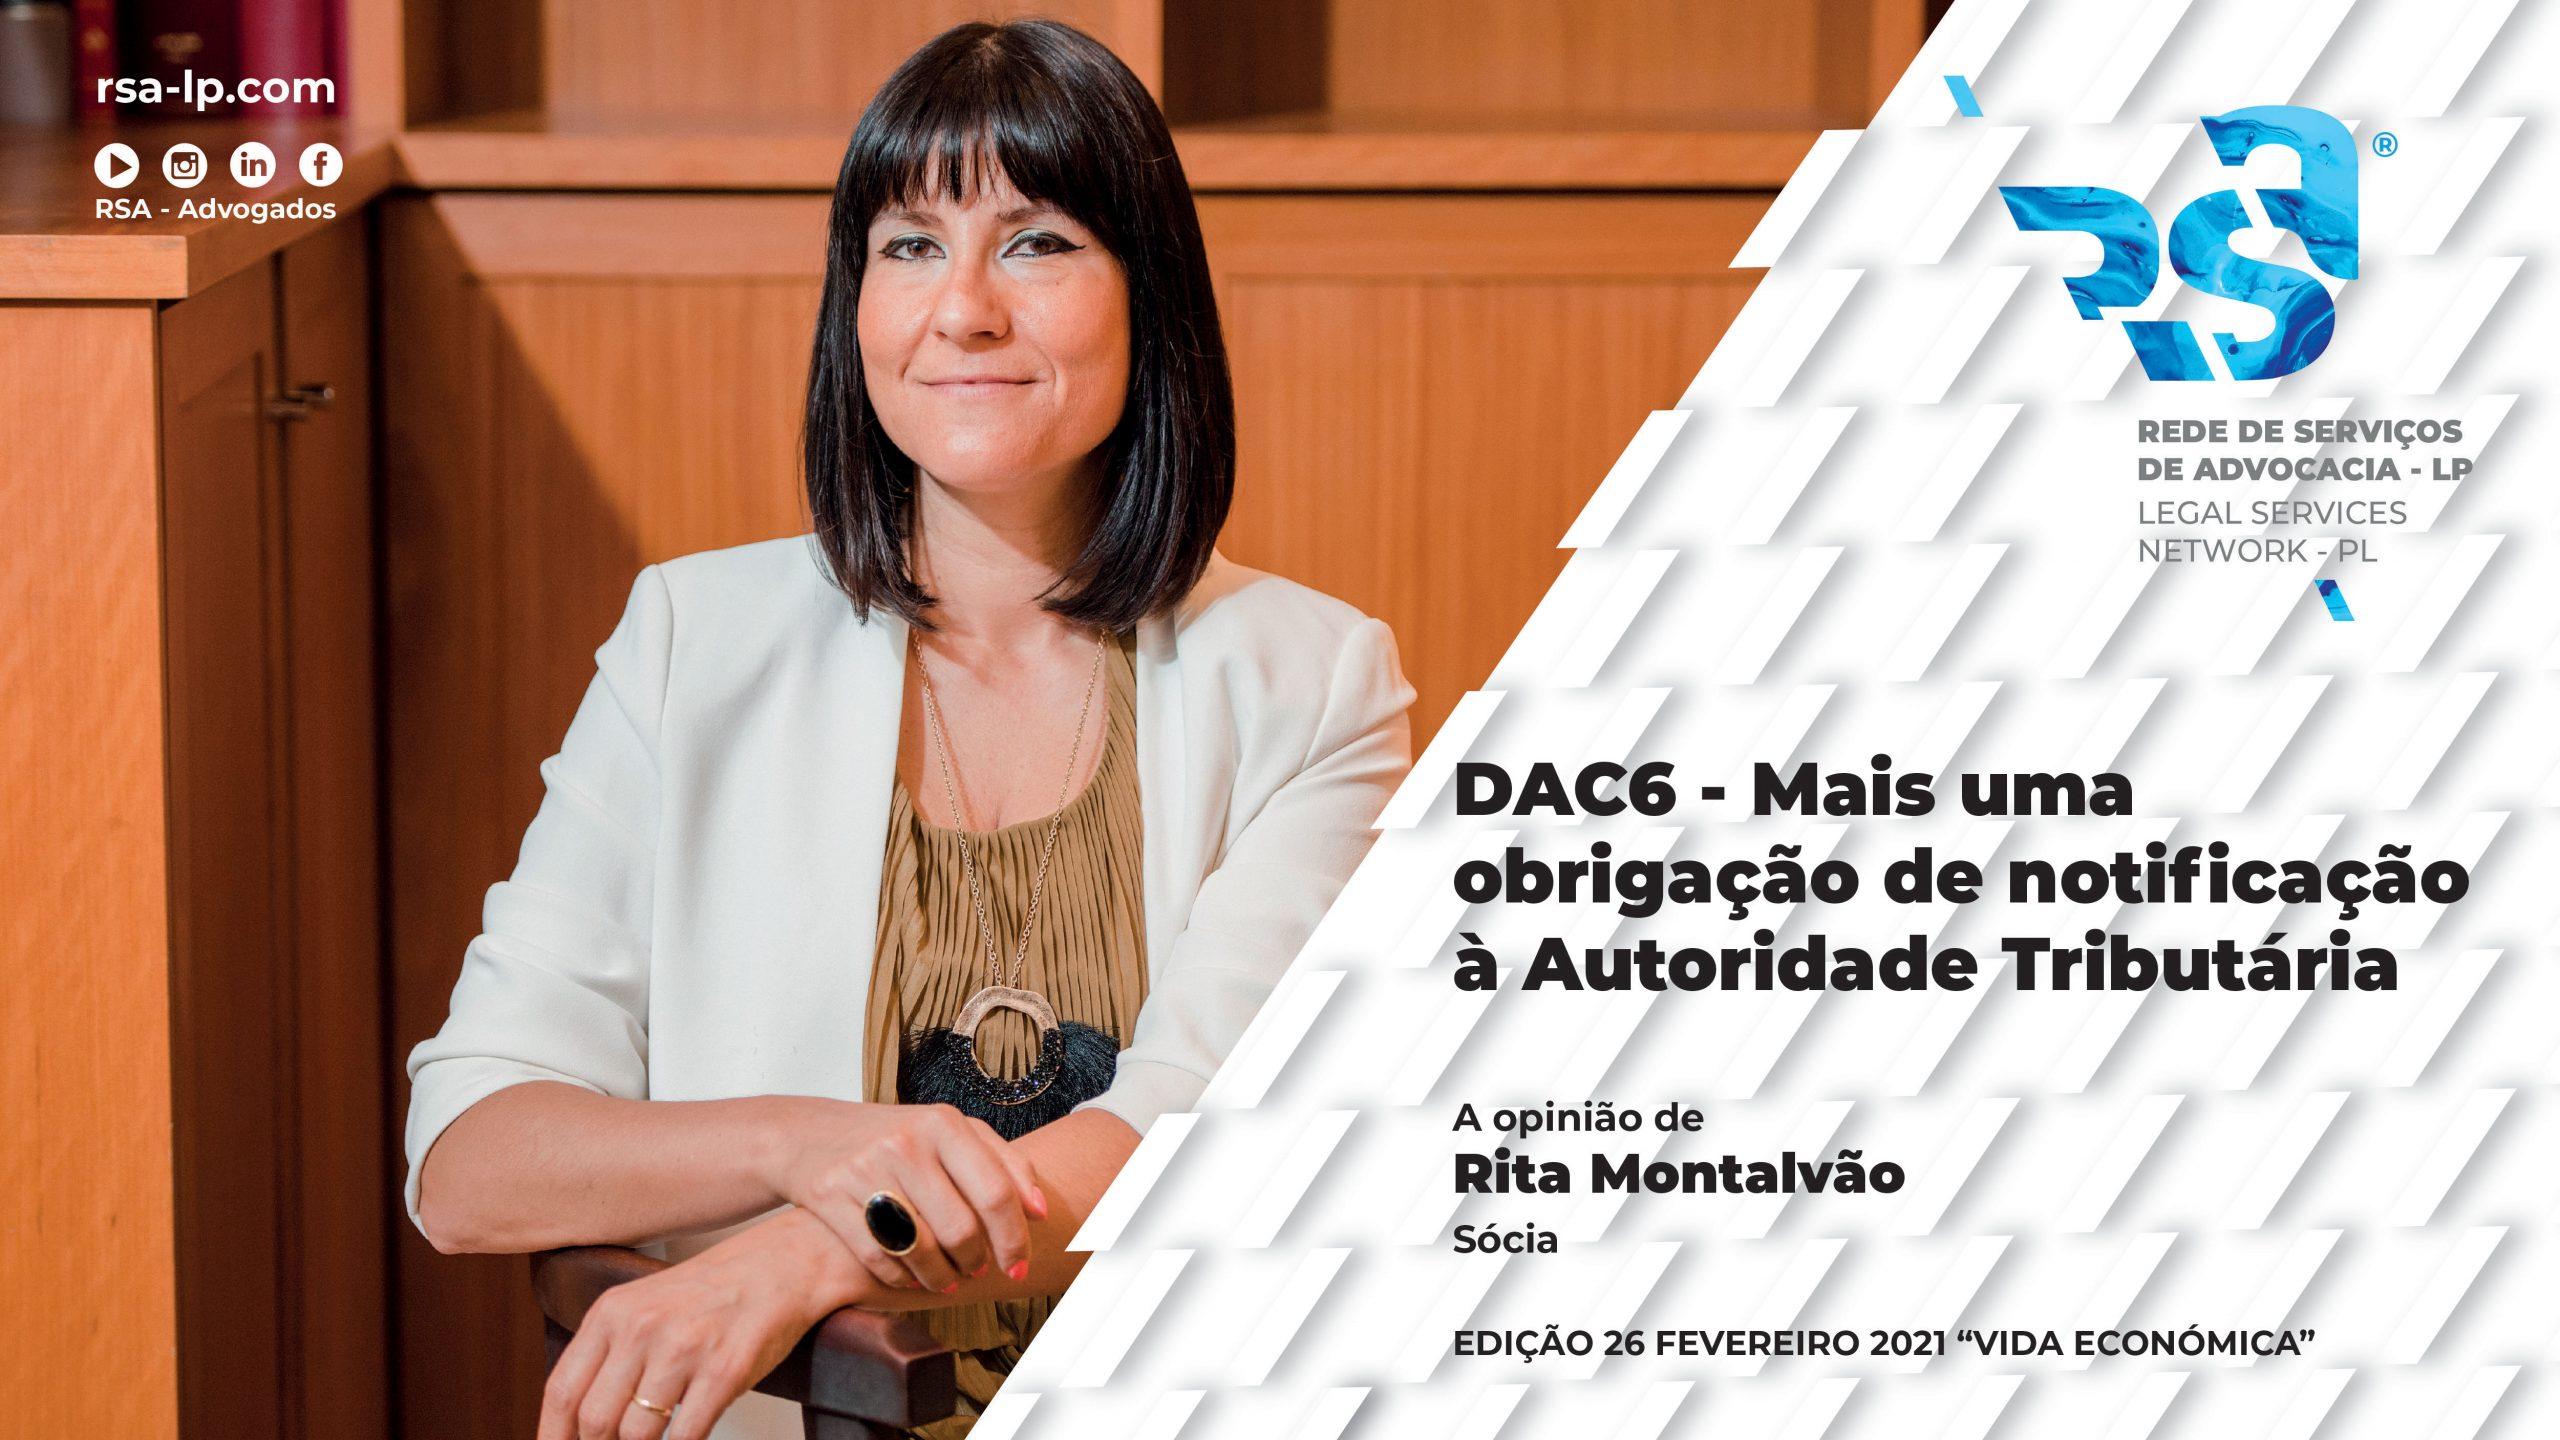 DAC6 - Mais uma obrigação de notificação à Autoridade Tributária